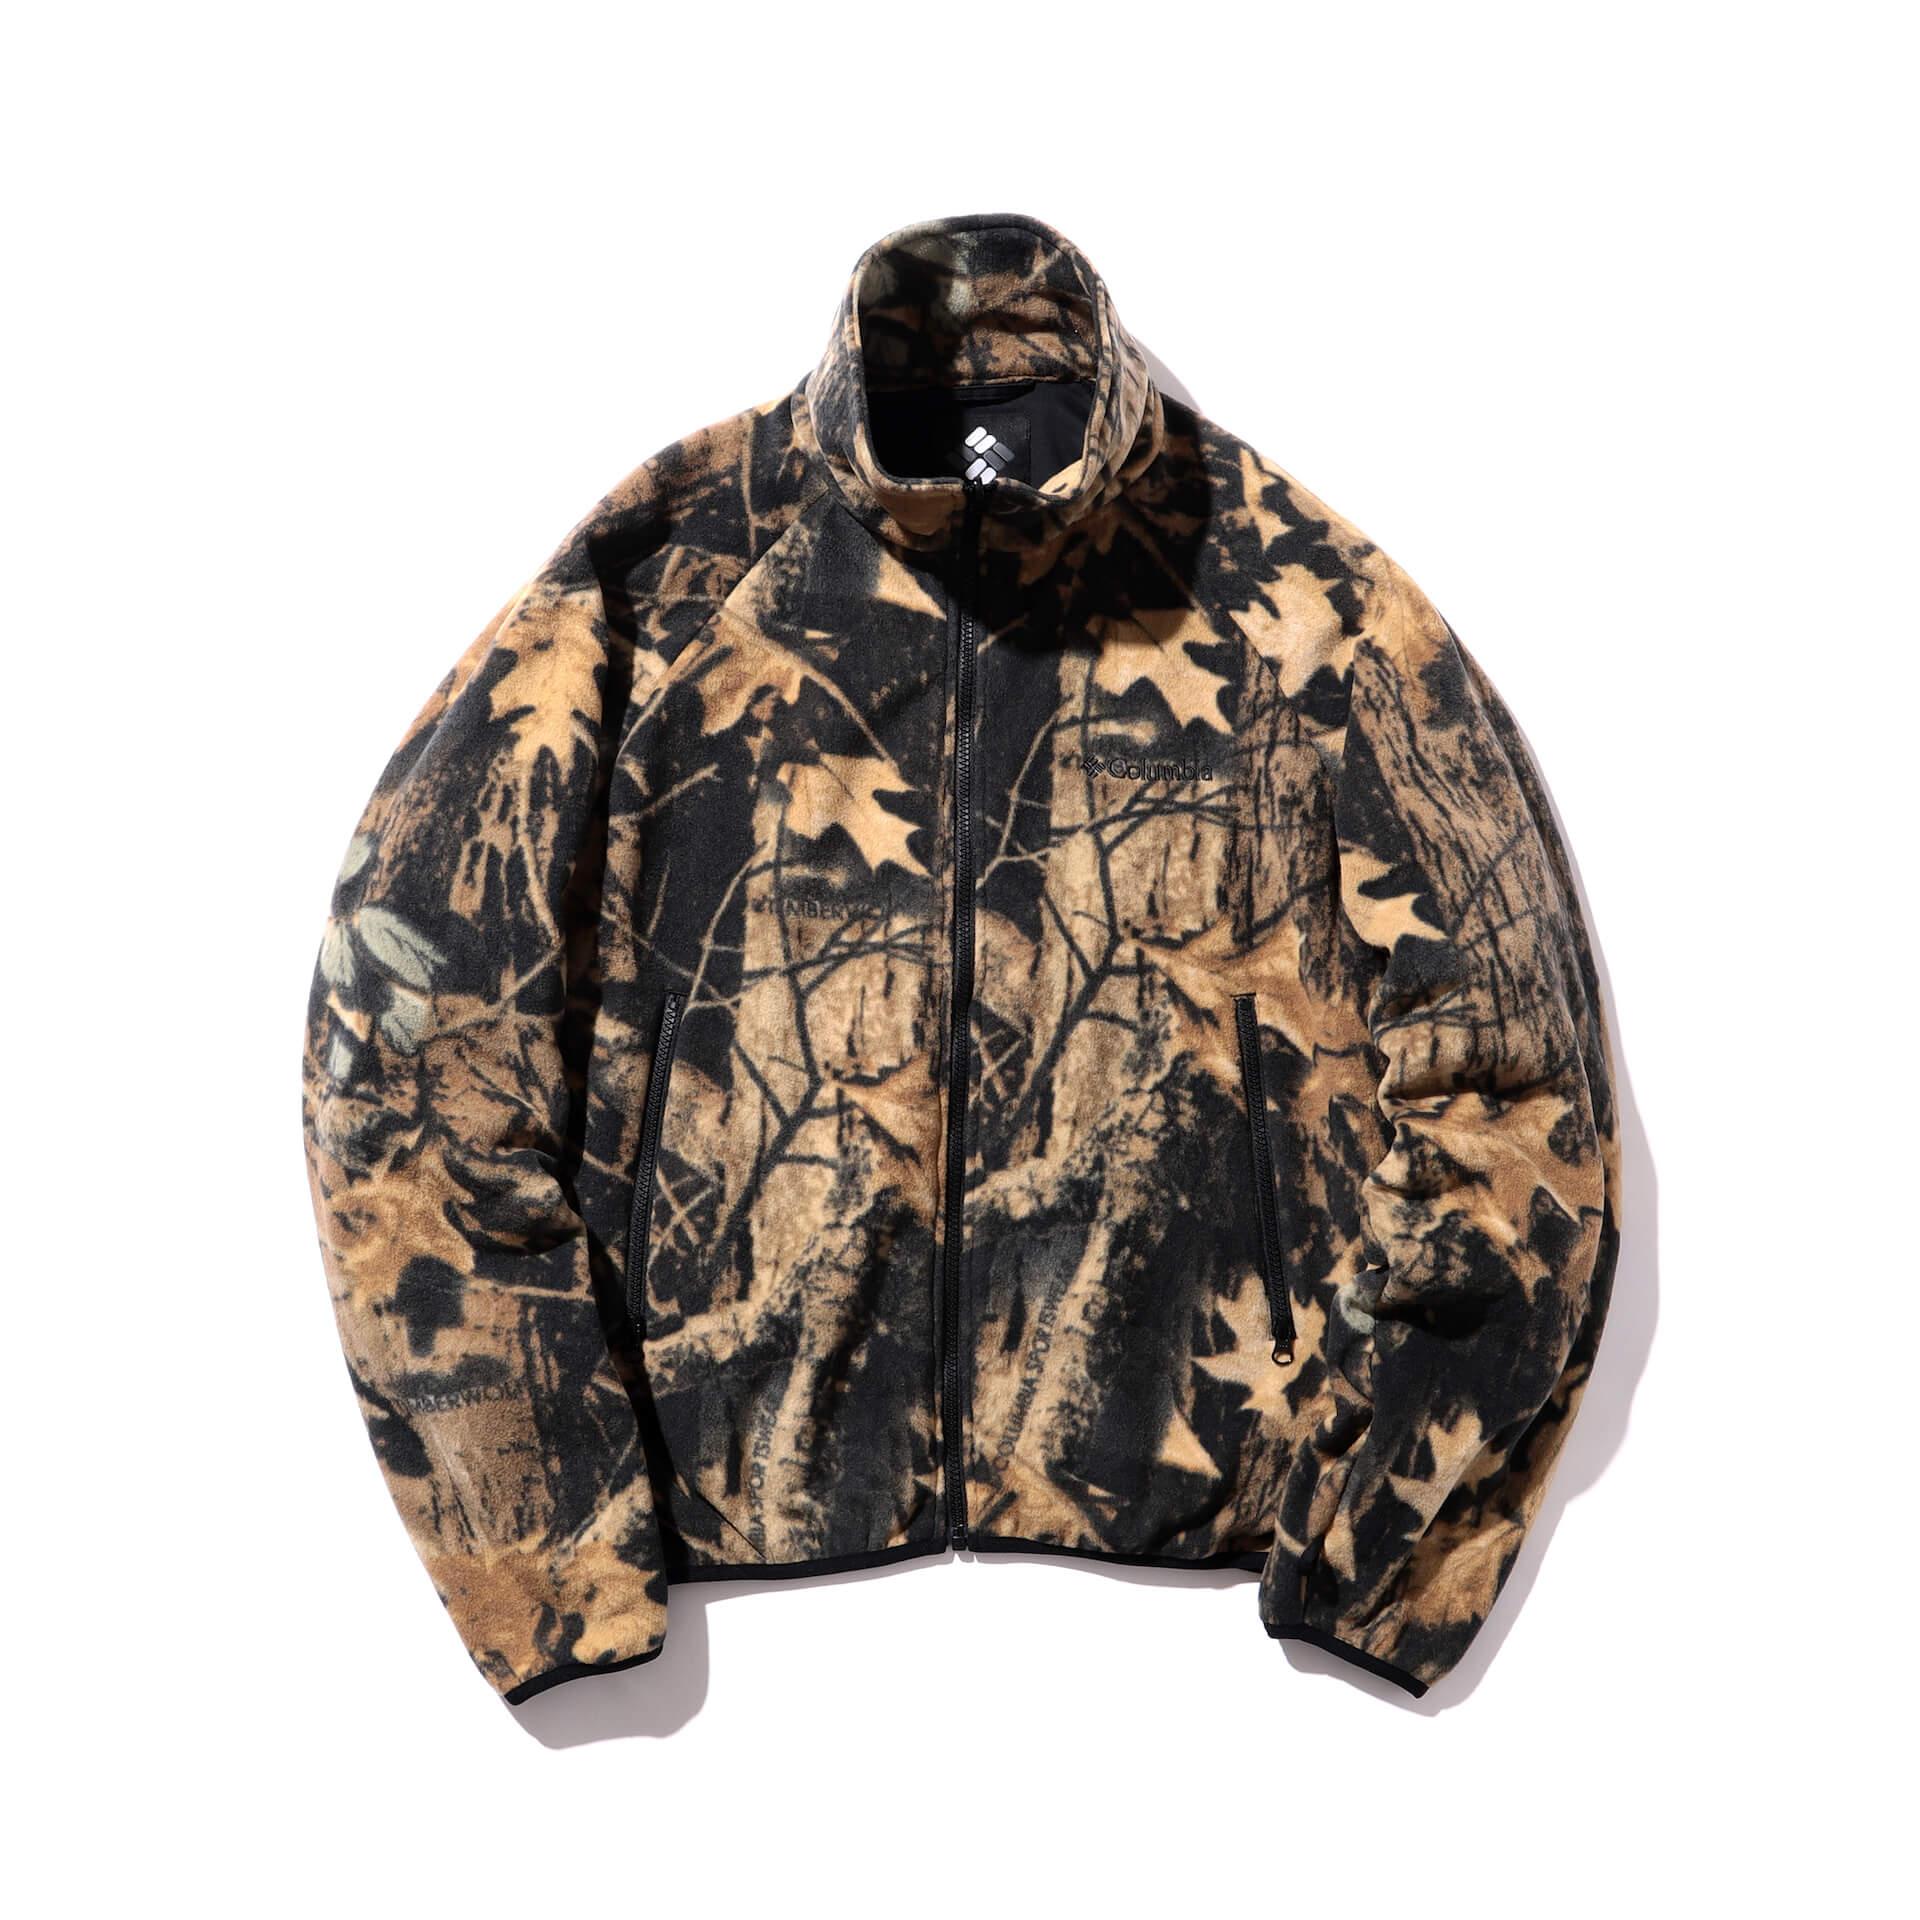 BEAMSとColumbiaのコラボコレクション『Columbia National Park』が登場!全アイテムに施されたカモフラージュ柄が特徴 fashion20201019_beams_columbia_5